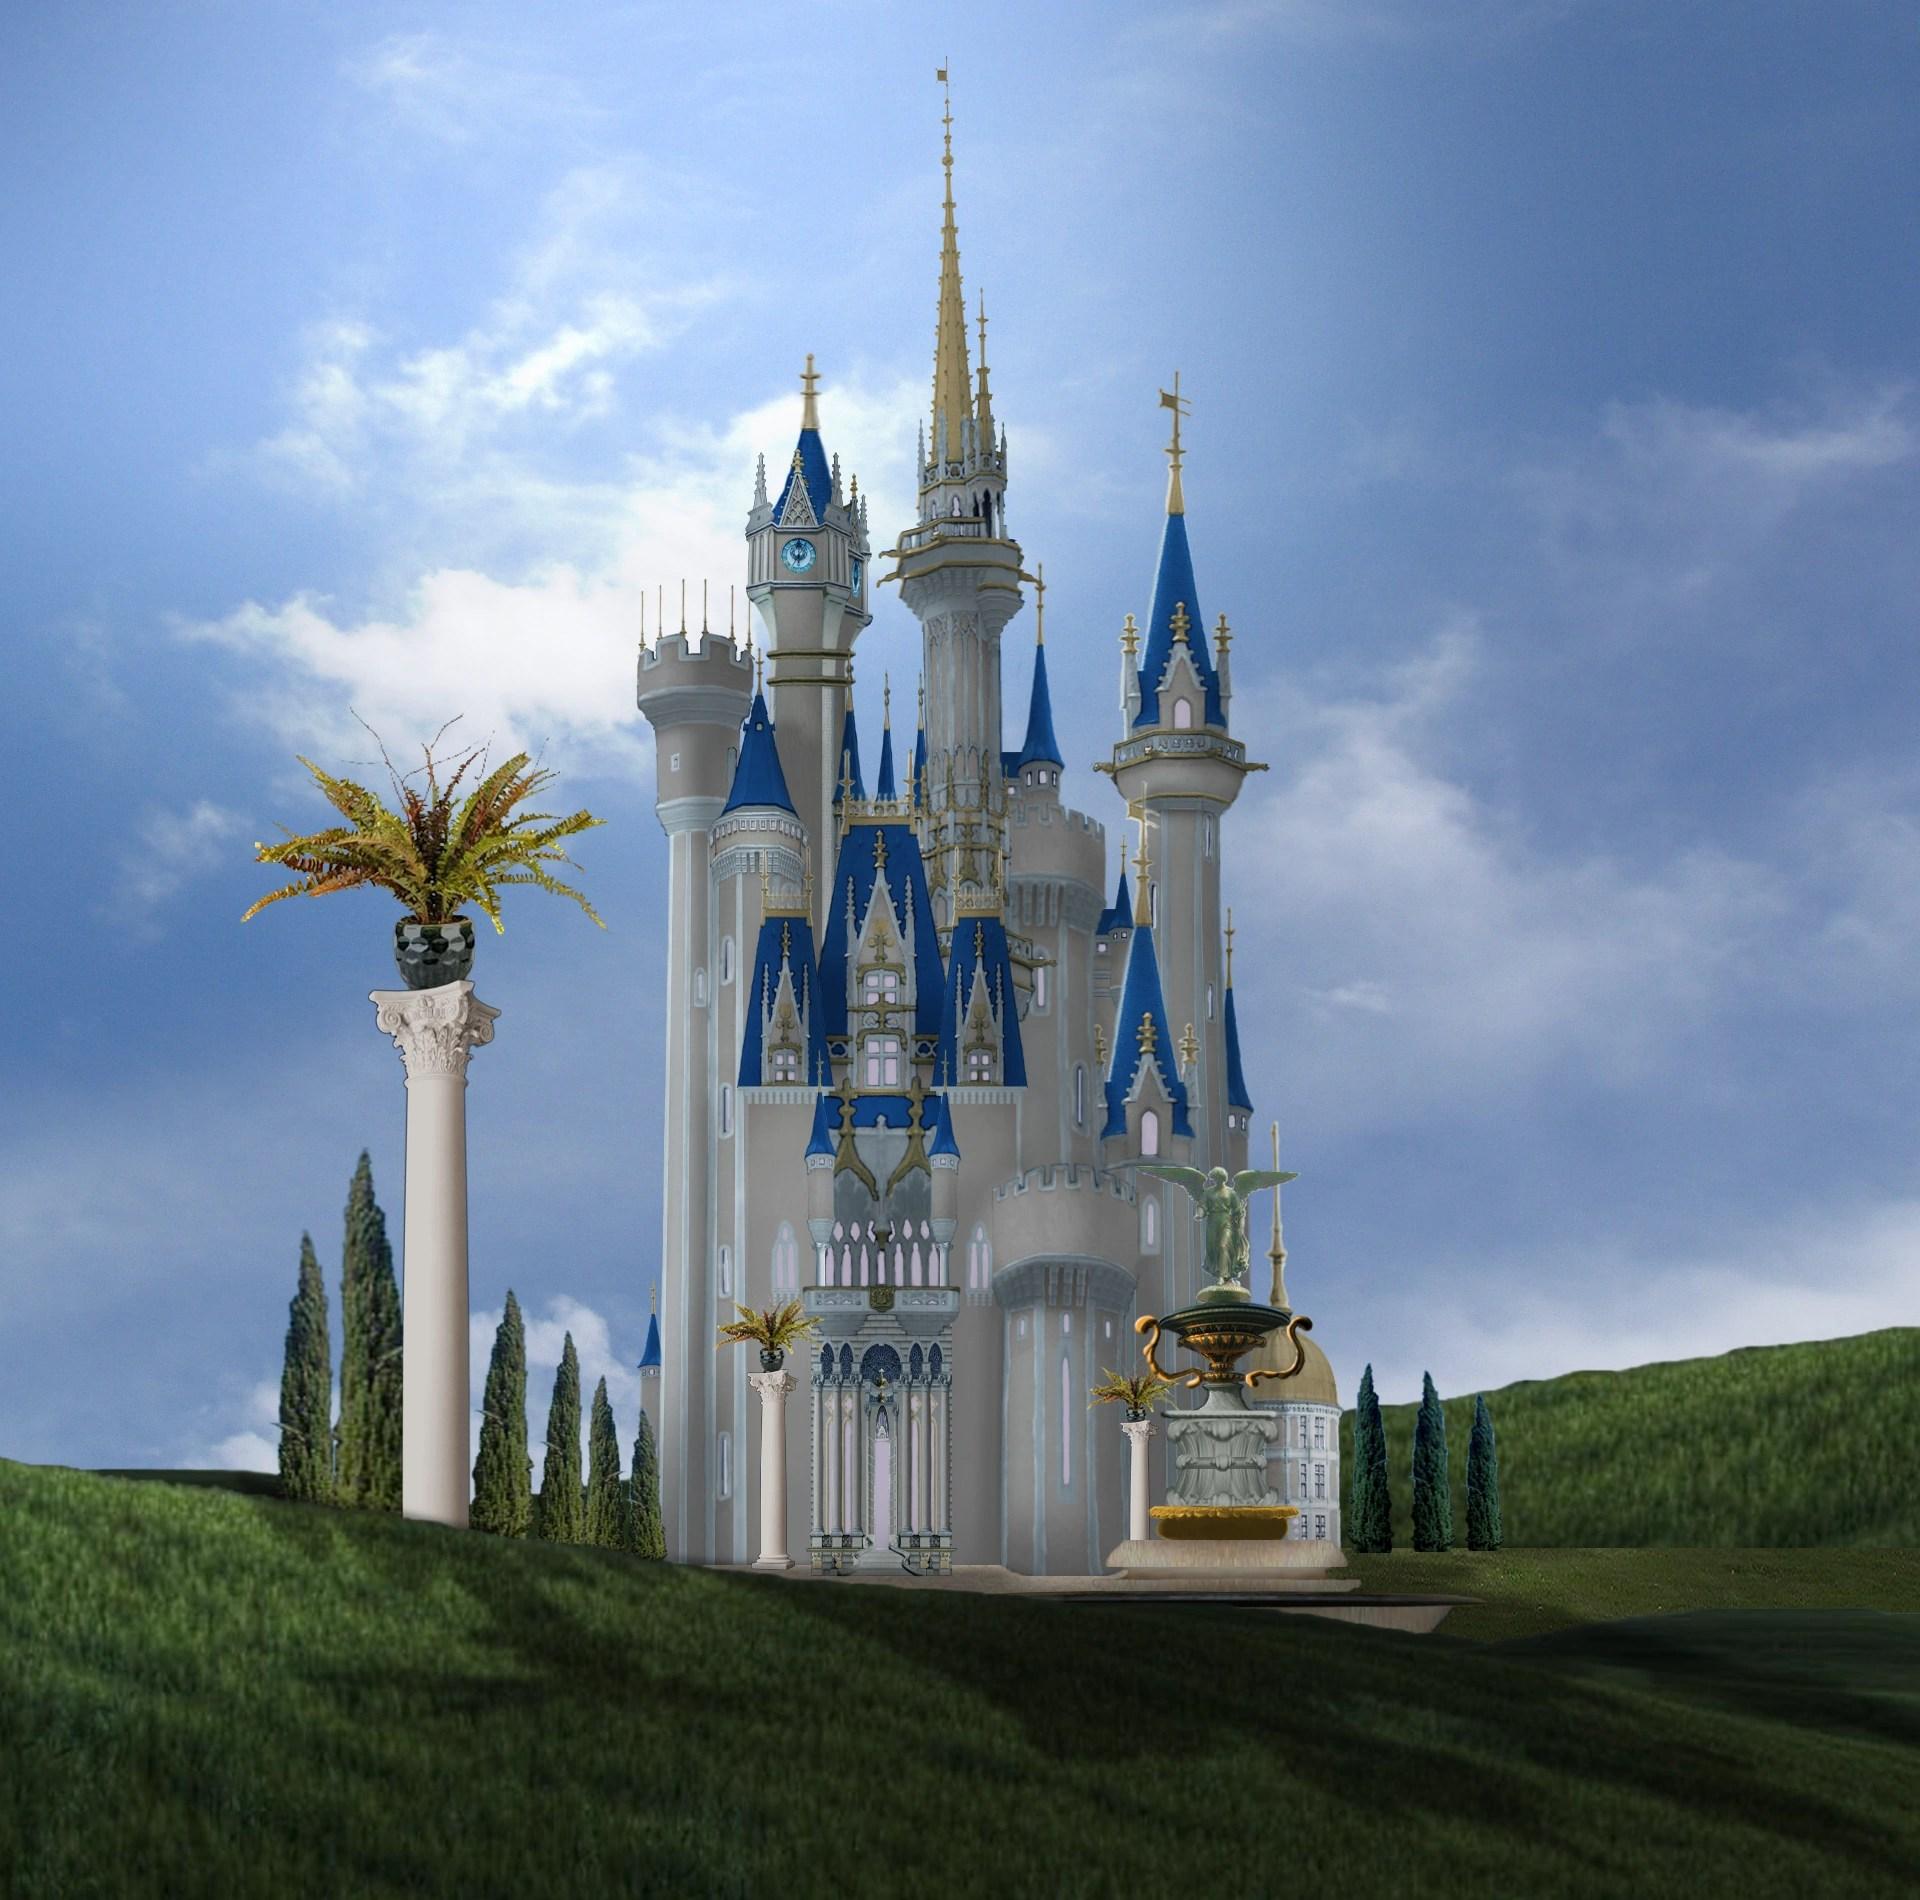 Castle Of Dreams Kingdom Hearts Fan Fiction Fandom